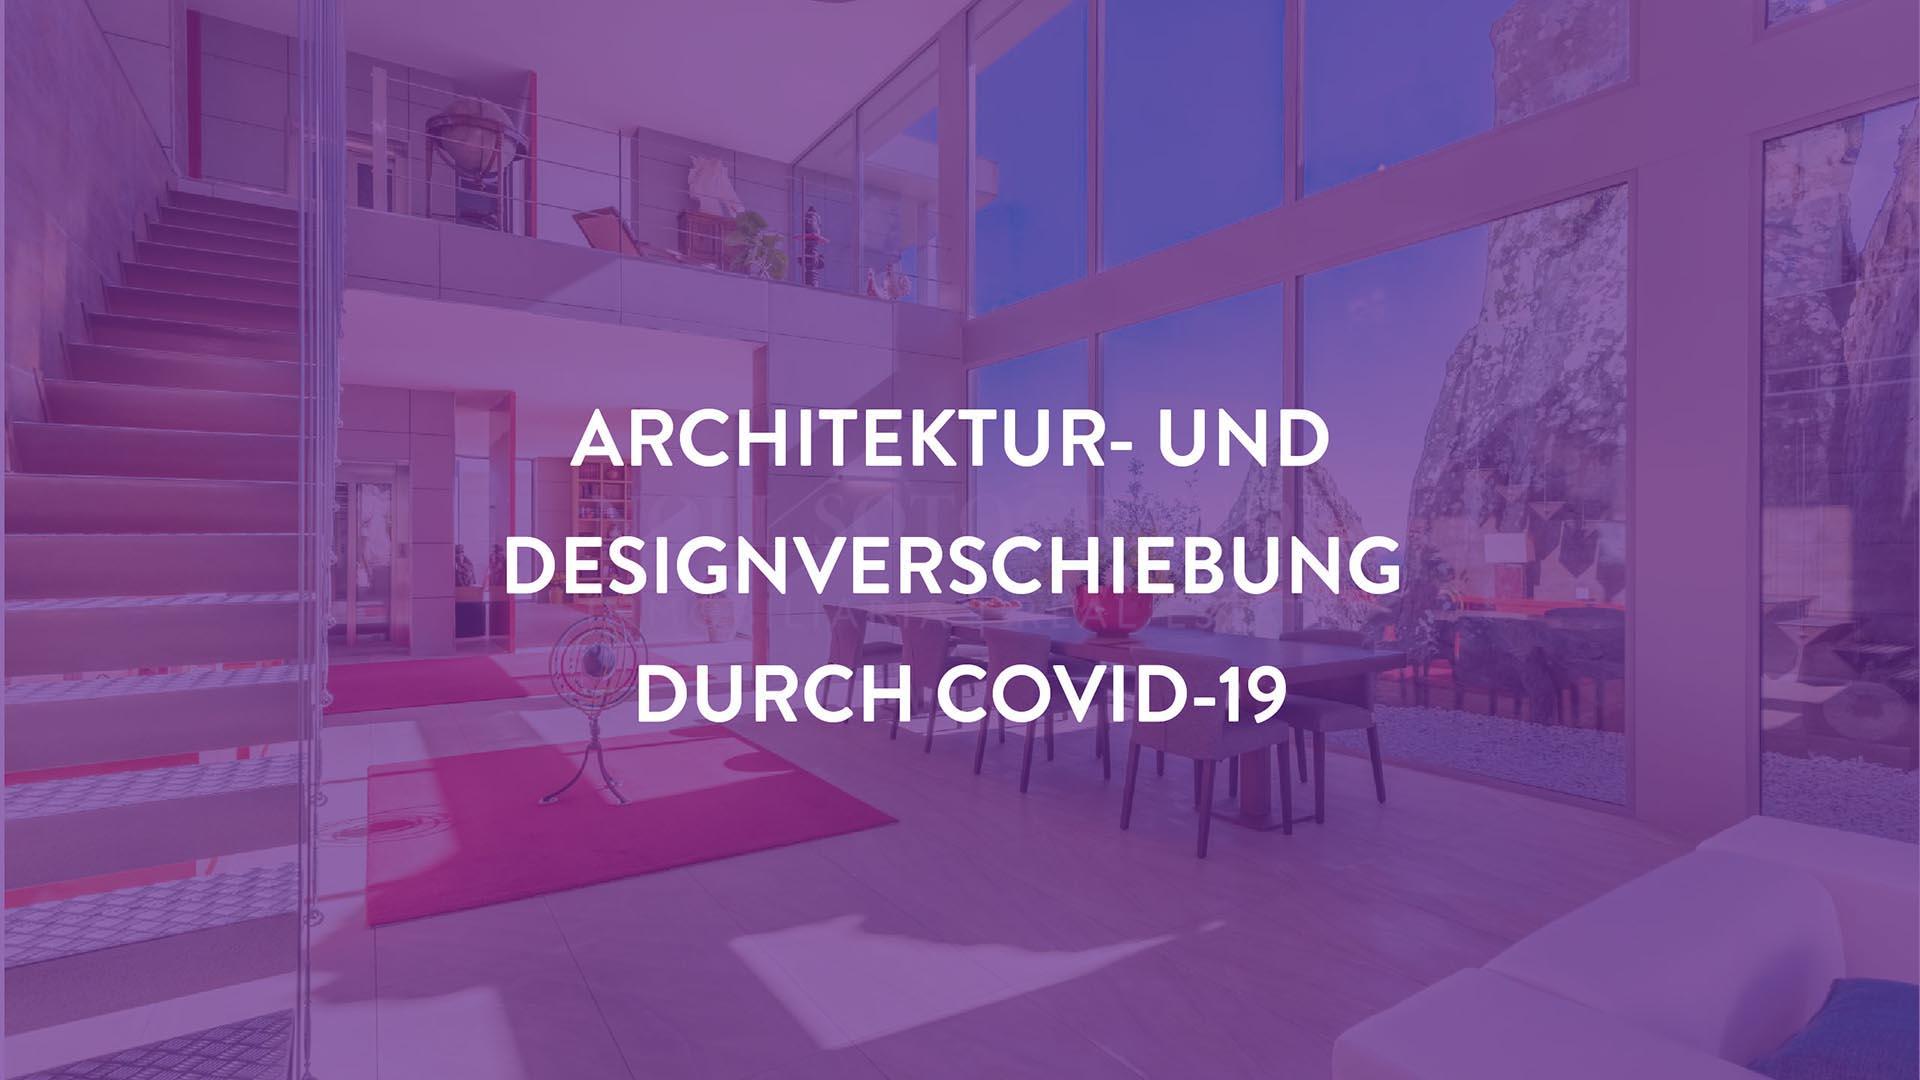 Sotogrande Architektur- und Designverschiebung durch COVID-19-6